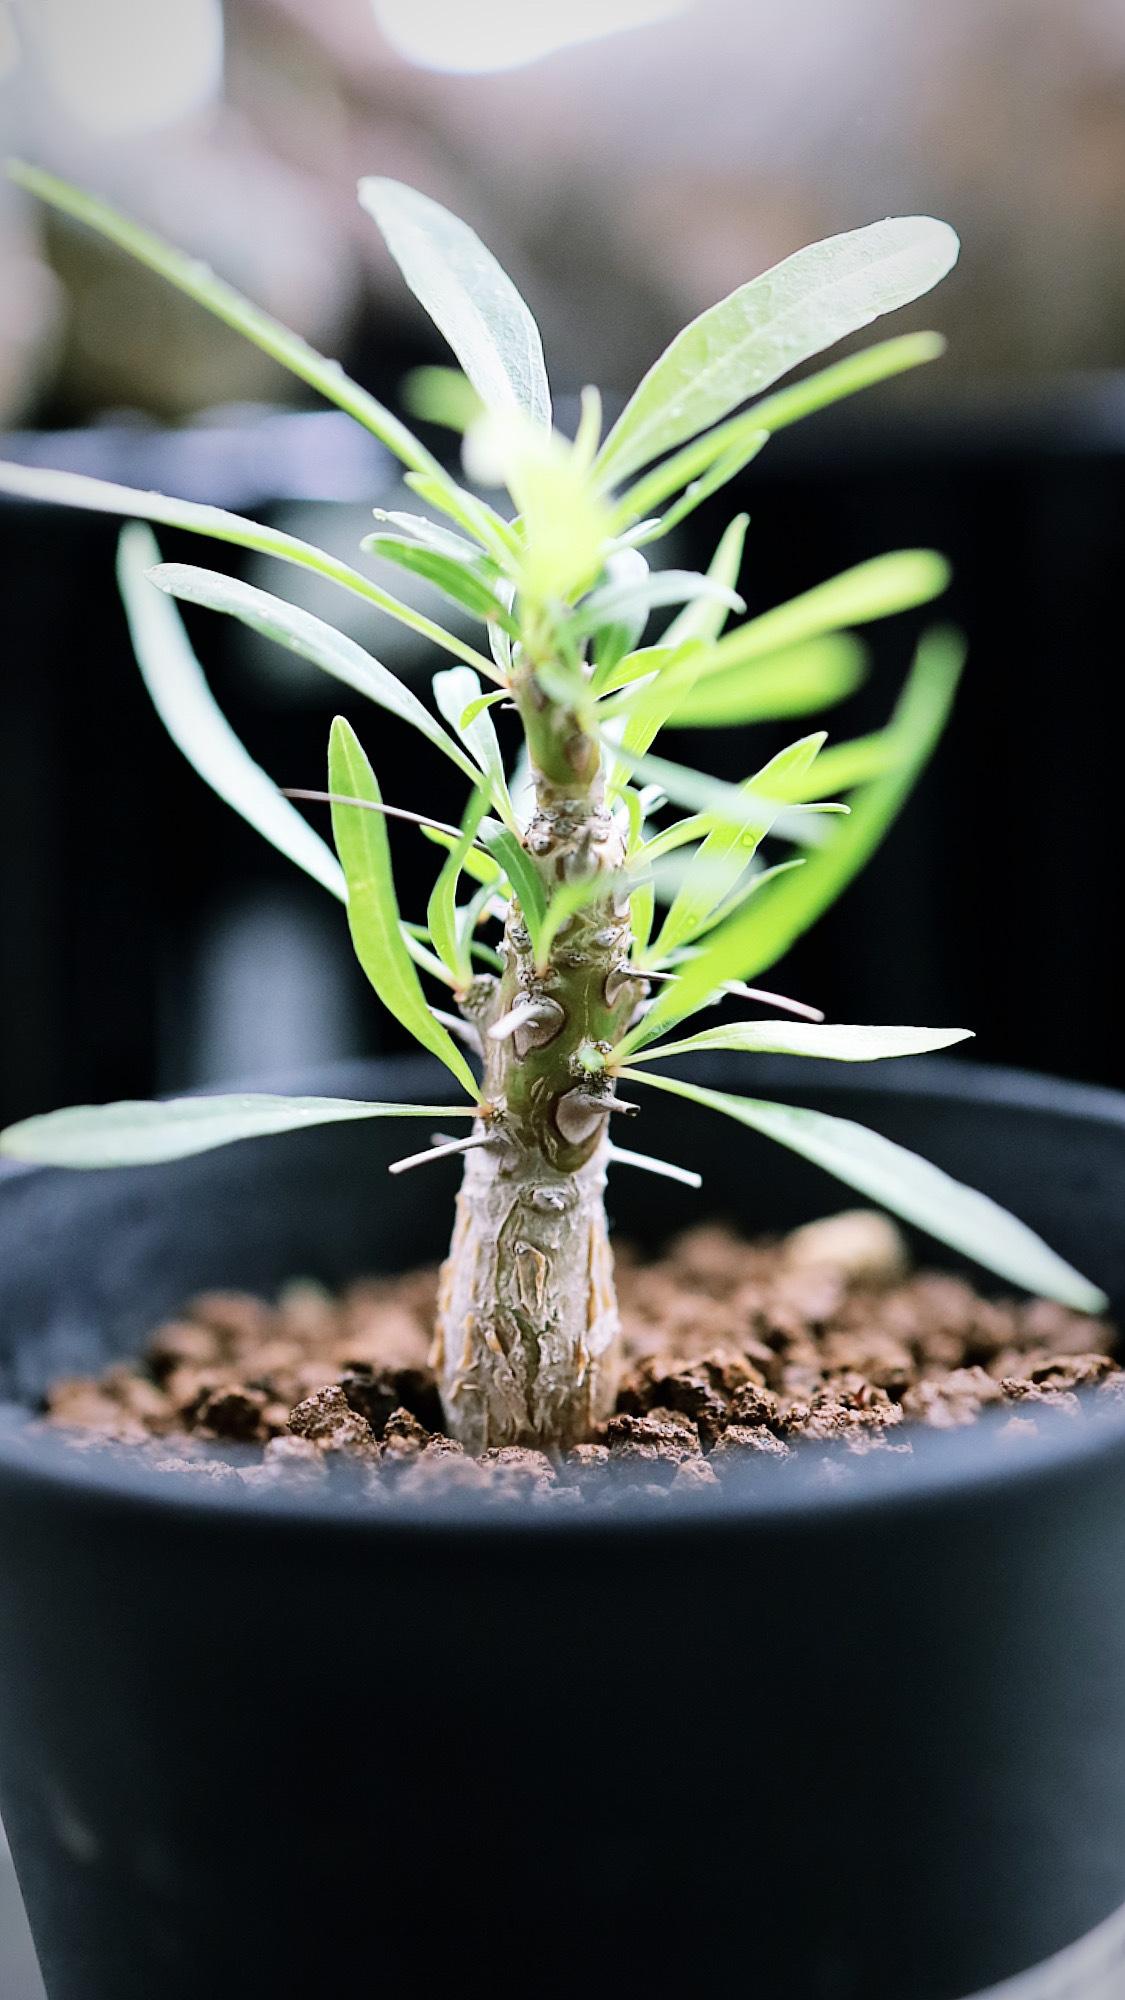 フォークイエリア・プルプシー(実生) | Fouquieria purpusii